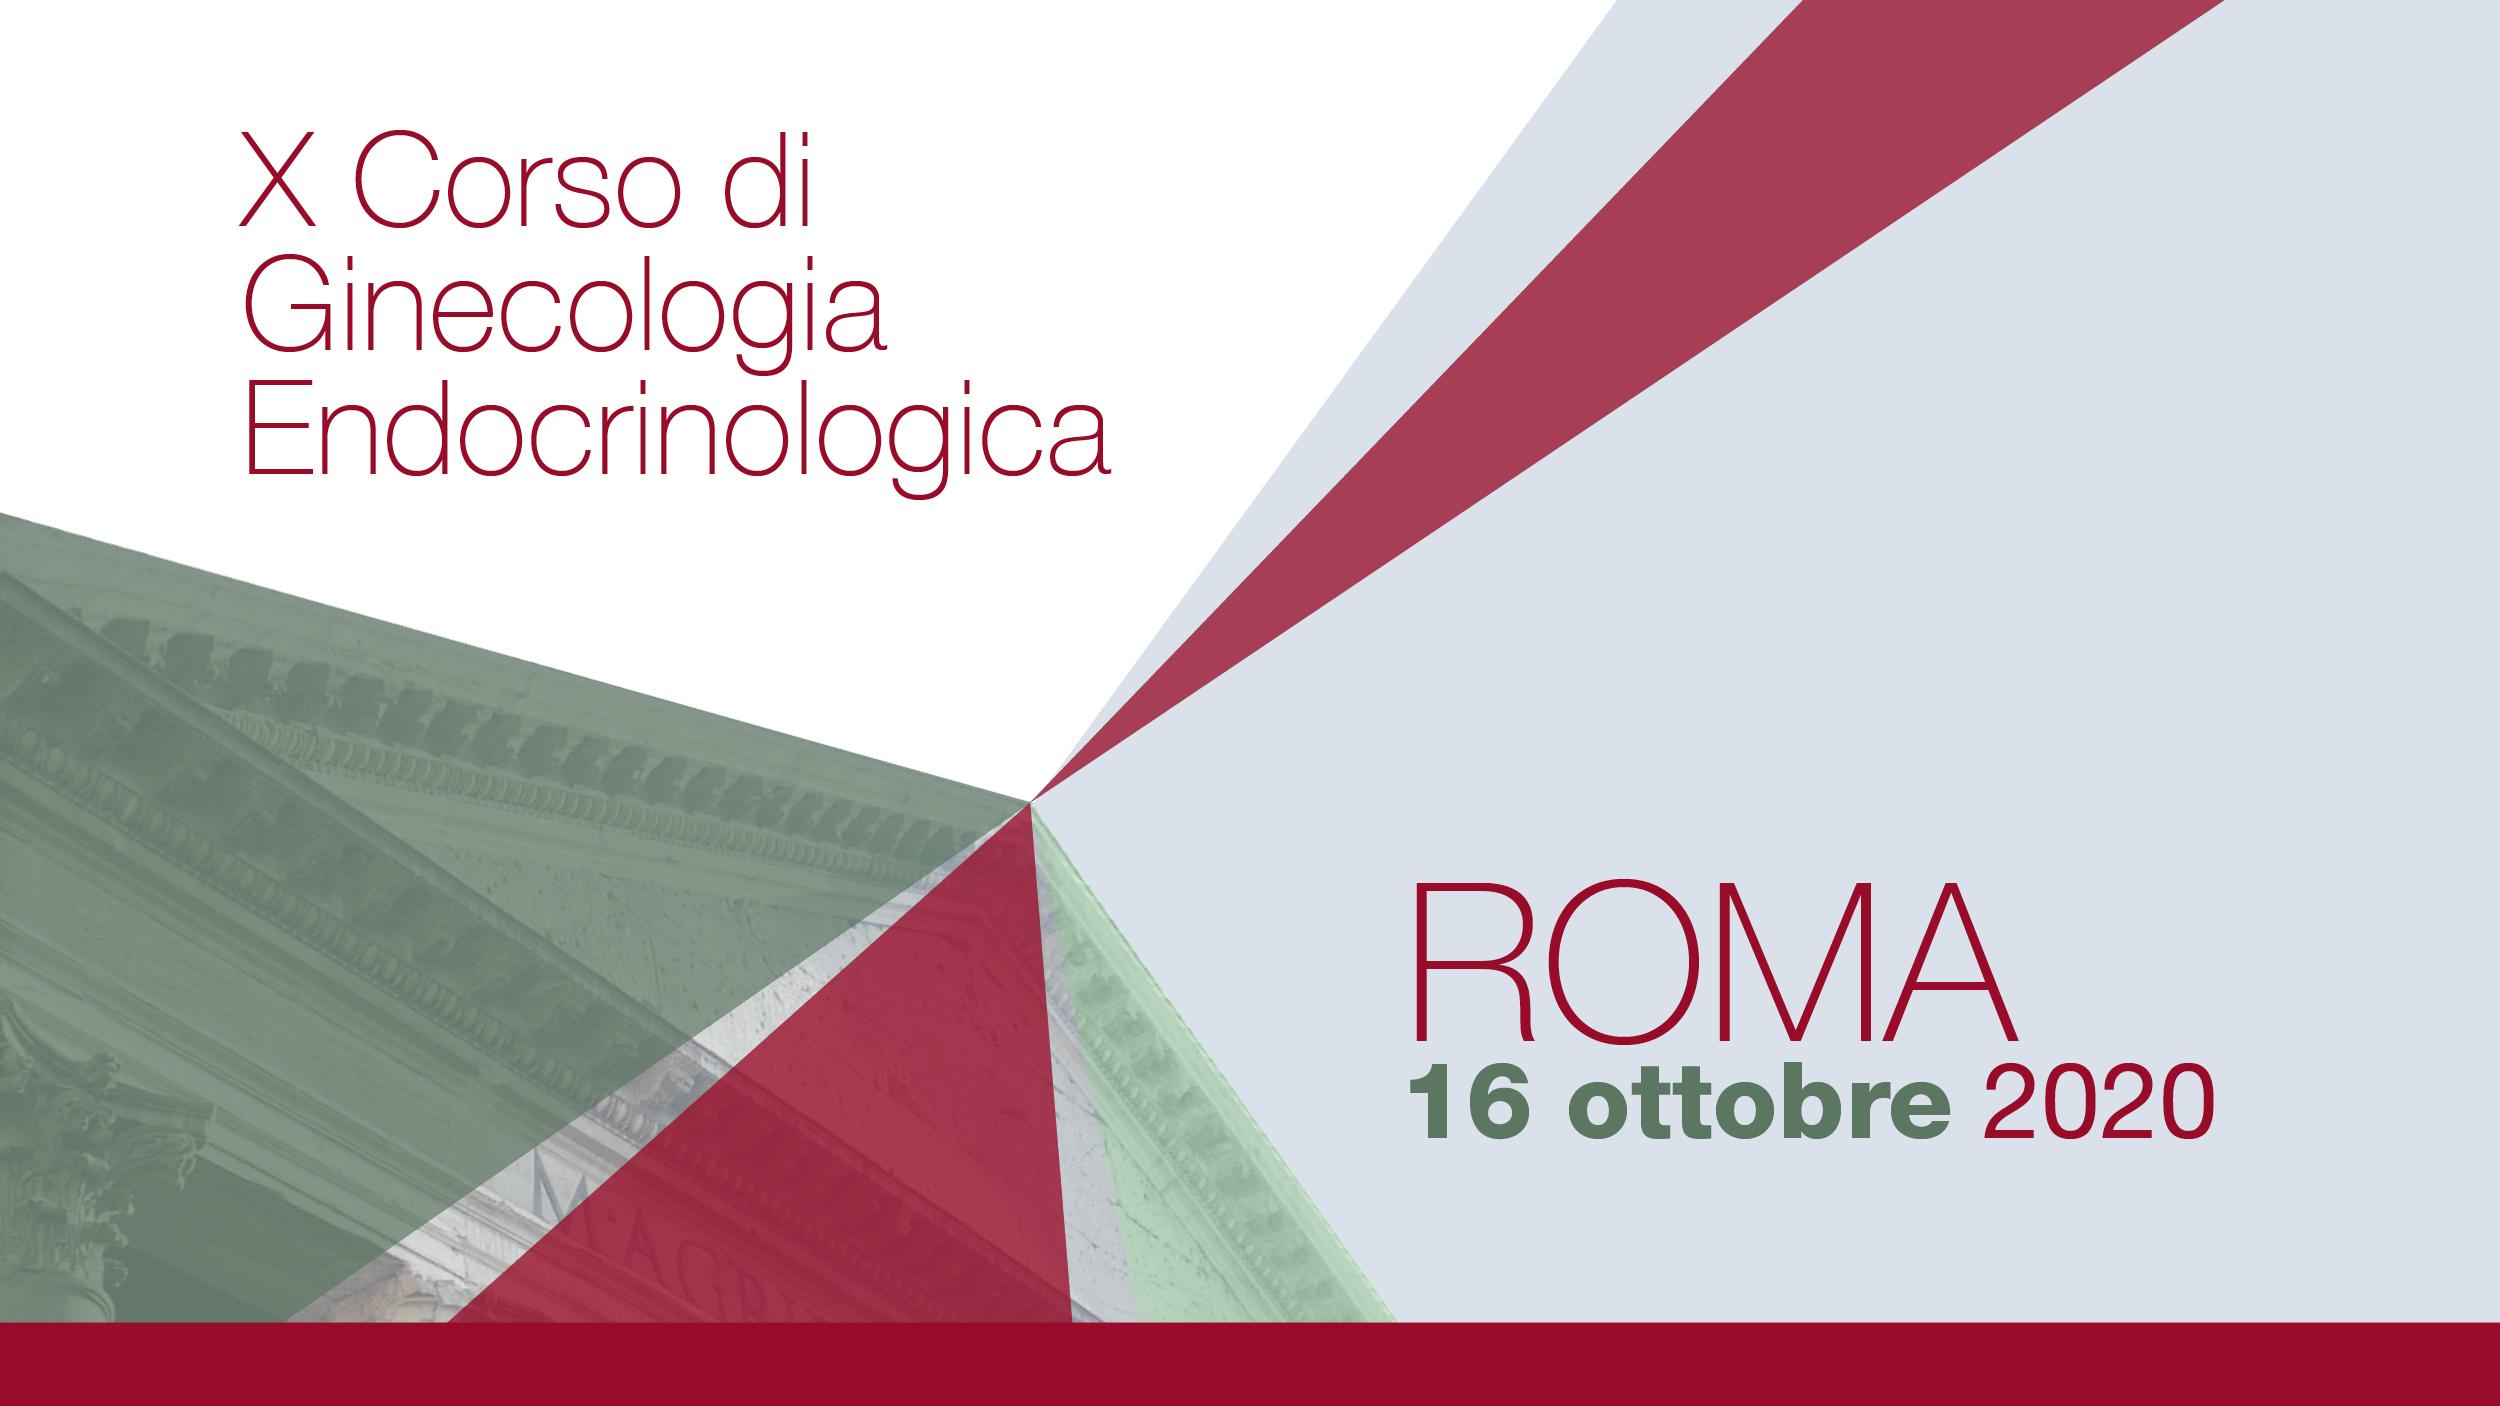 X Corso di Ginecologia Endocrinologica